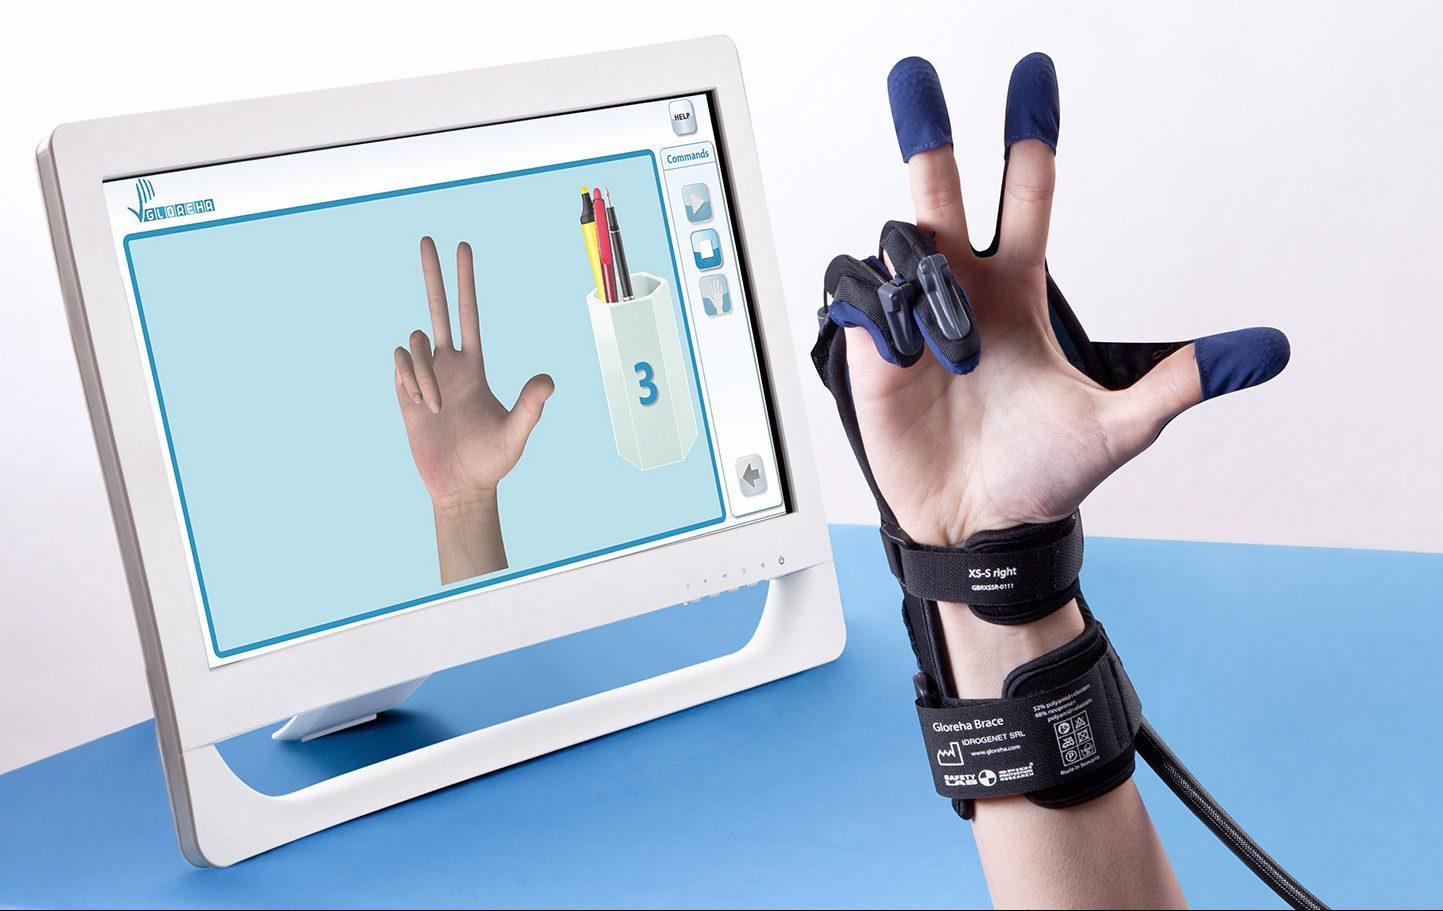 Handreha, Handtherapie und Handrehabilitation mit der Gloreha inkl Touchscreen in der Ergotherapie. Ergotherapeutisch für die Hand - hohe Bewegungszahlen assistiv und passiv - Ergo